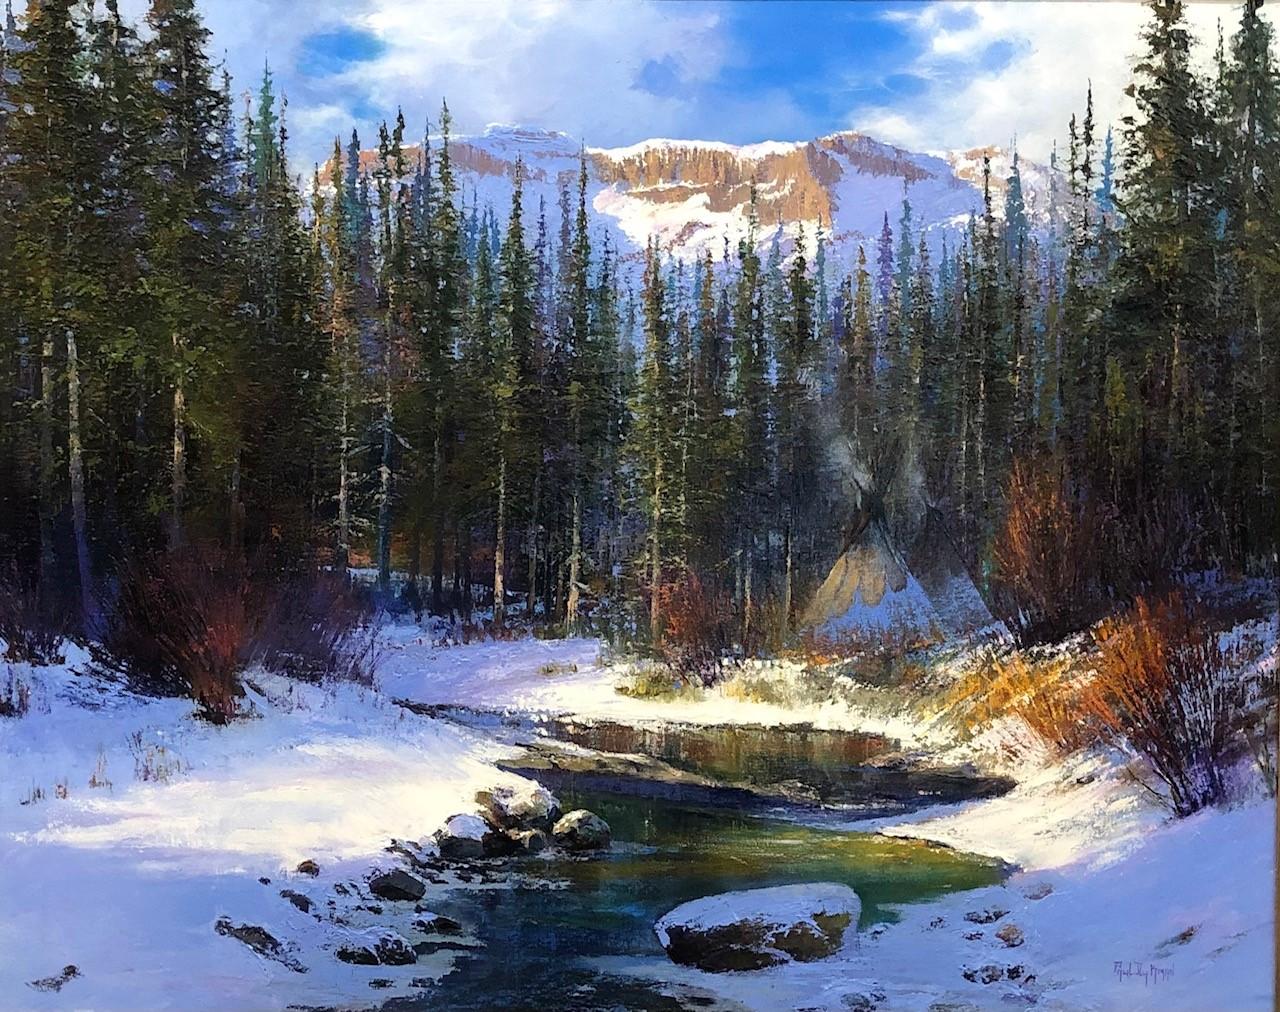 original oil painting, Beaverhead Creek by artist Paul Dykman